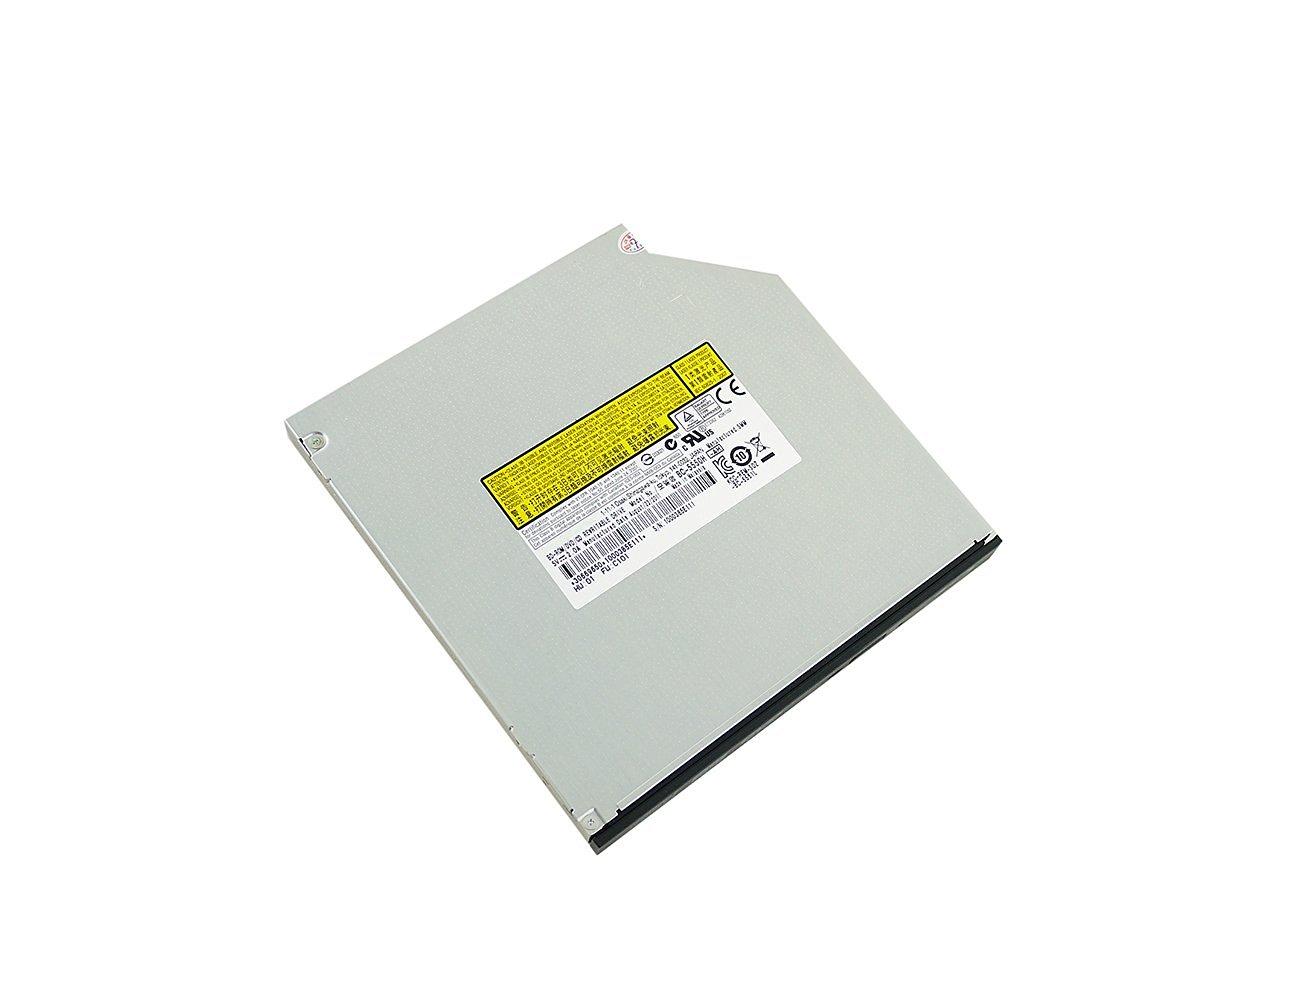 HL-DT-ST DVDRAM GSA-U20N TREIBER WINDOWS 8